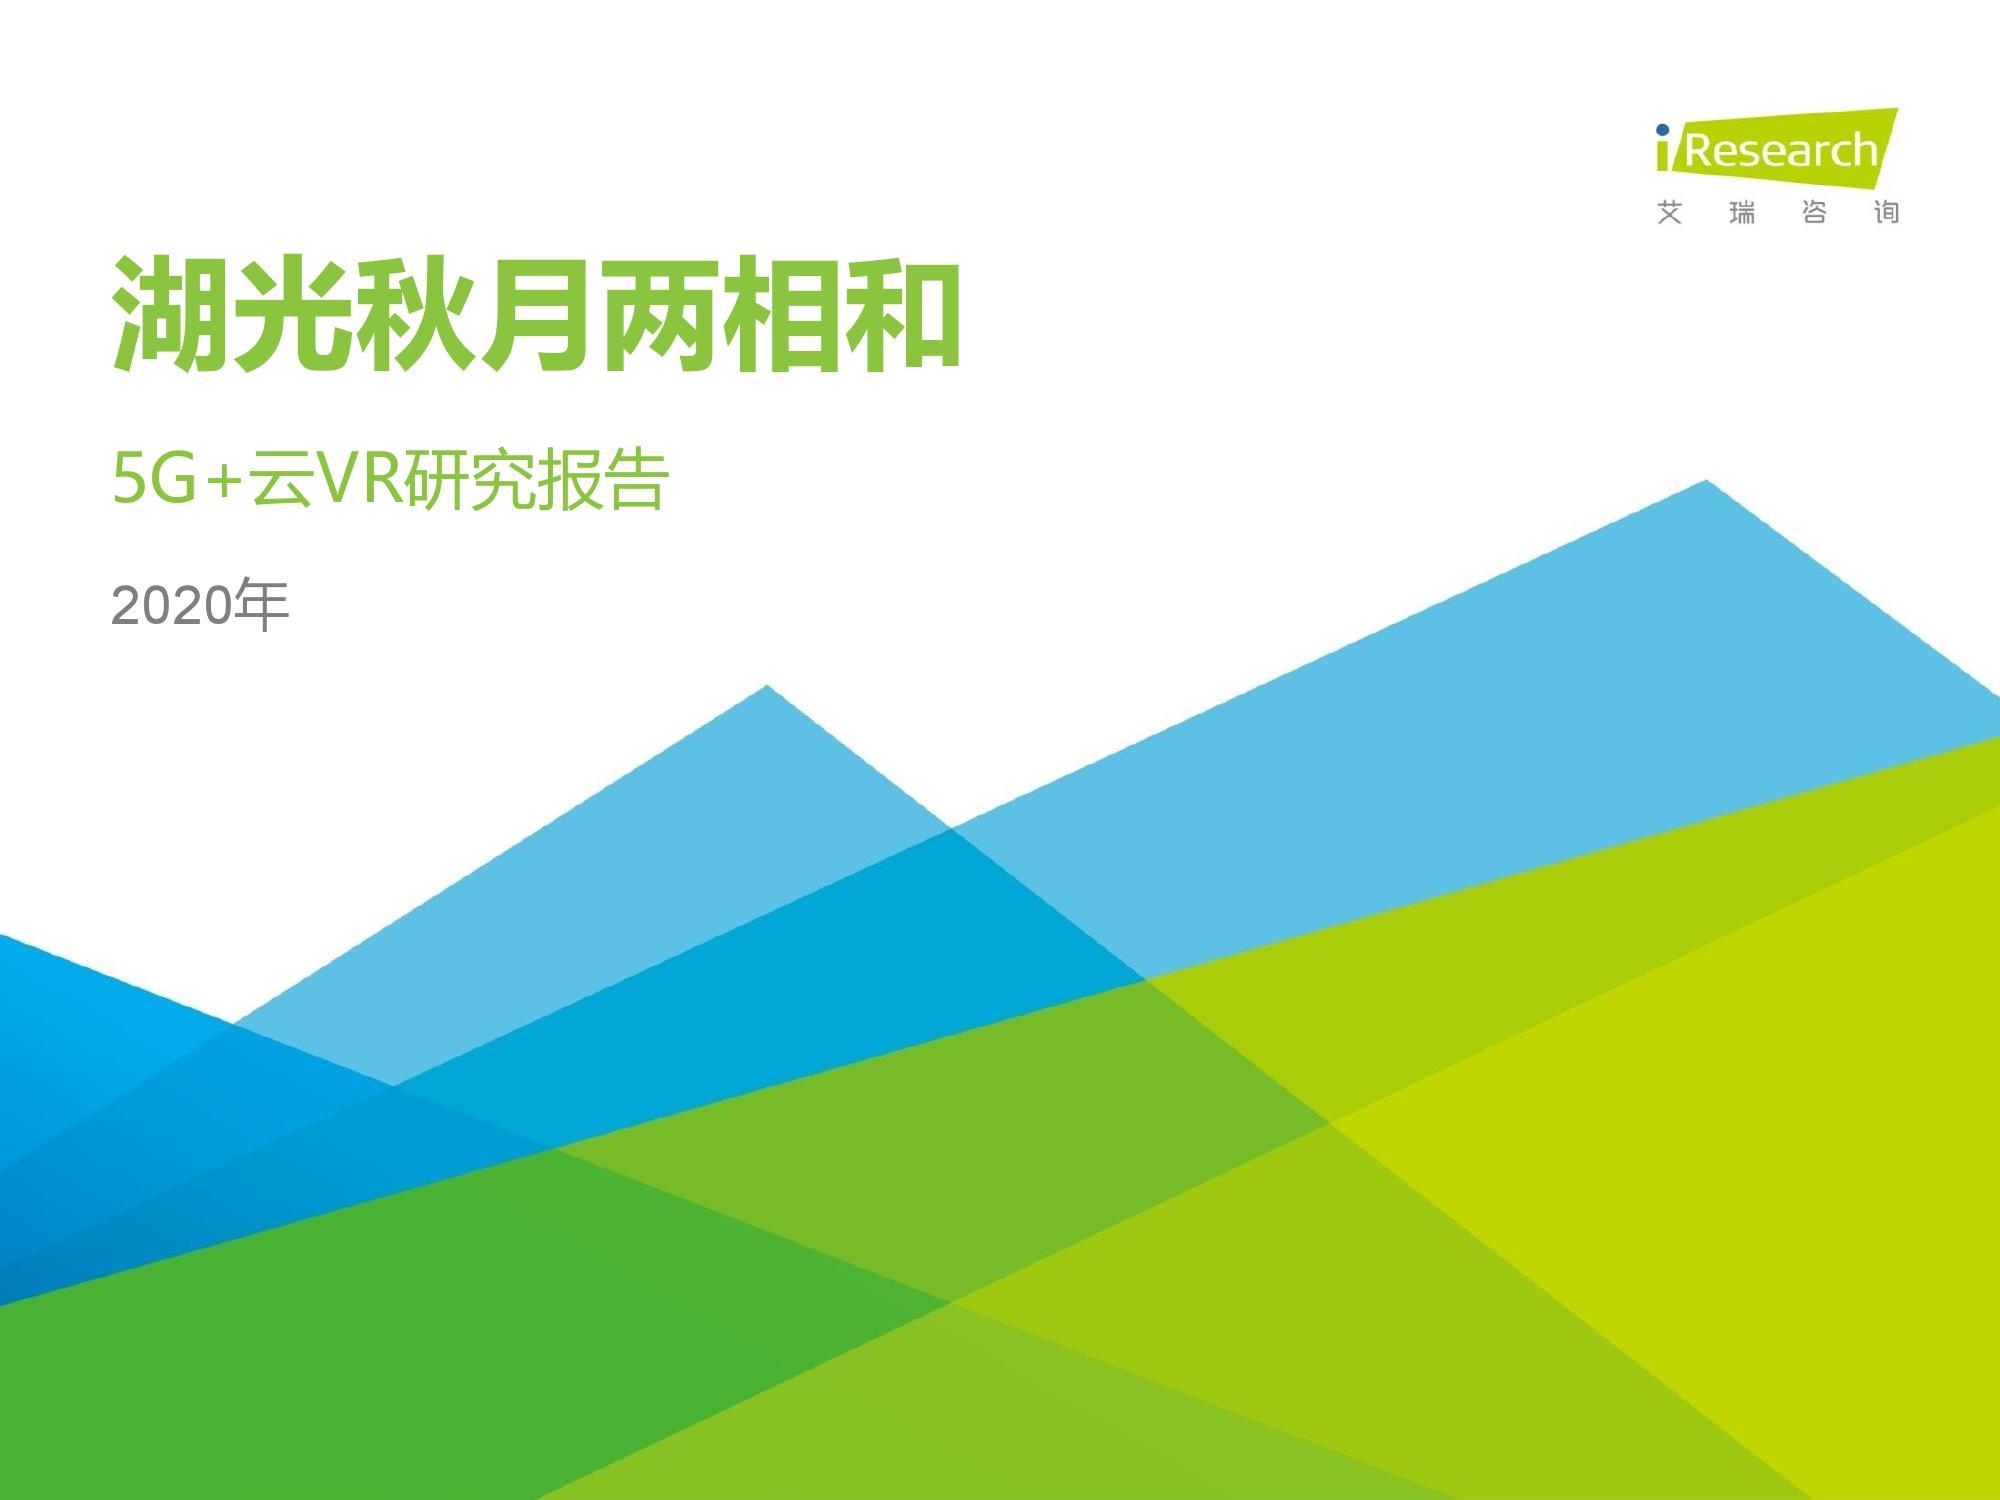 艾瑞咨询:2020年5G+云VR研究报告(附下载)